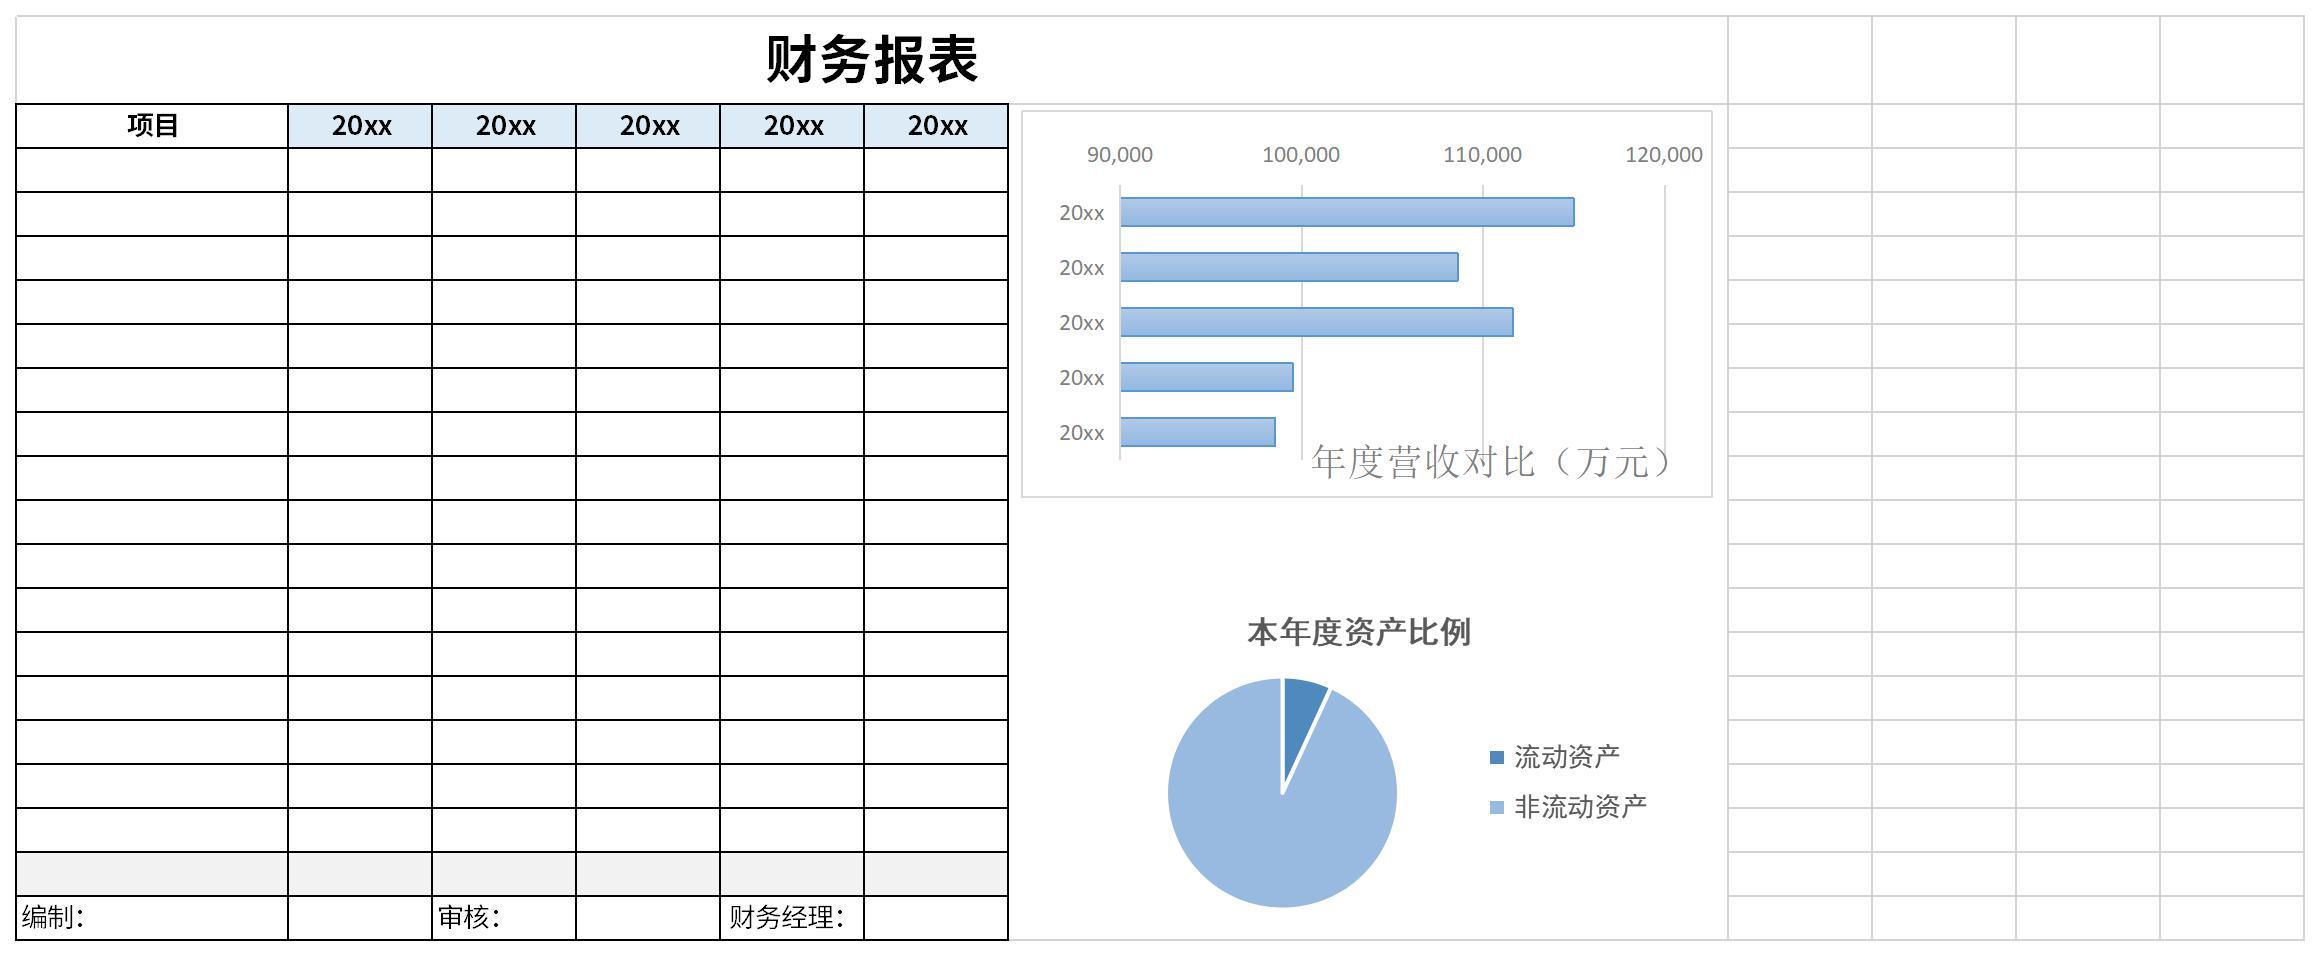 财务报表分析报告模板截图